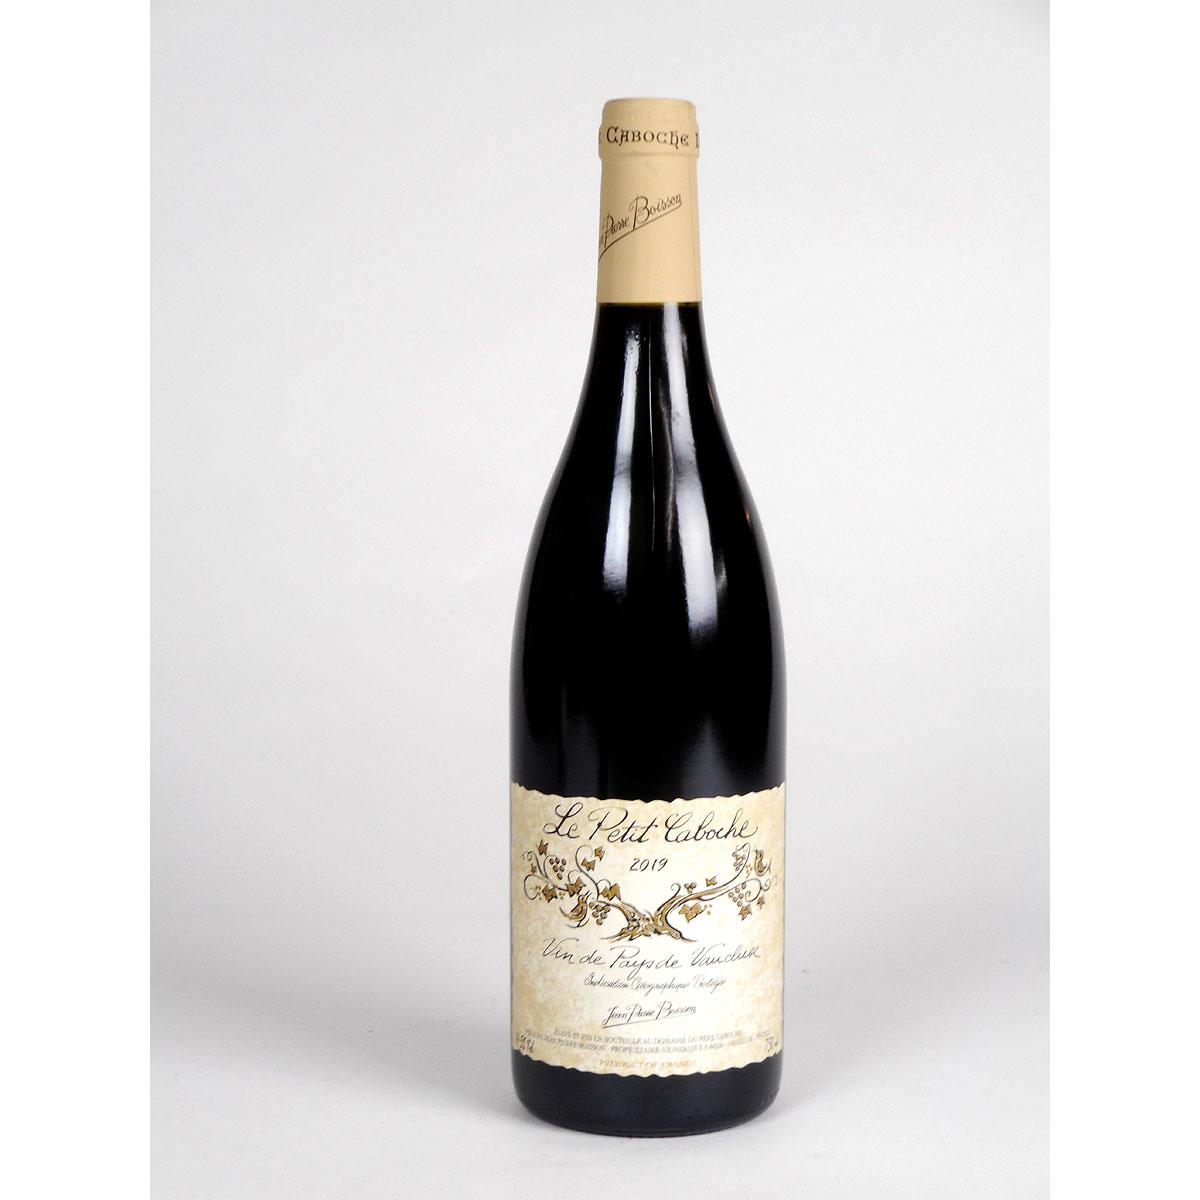 Vin de Pays de Vaucluse: Le Petit Caboche 2019 - Bottle